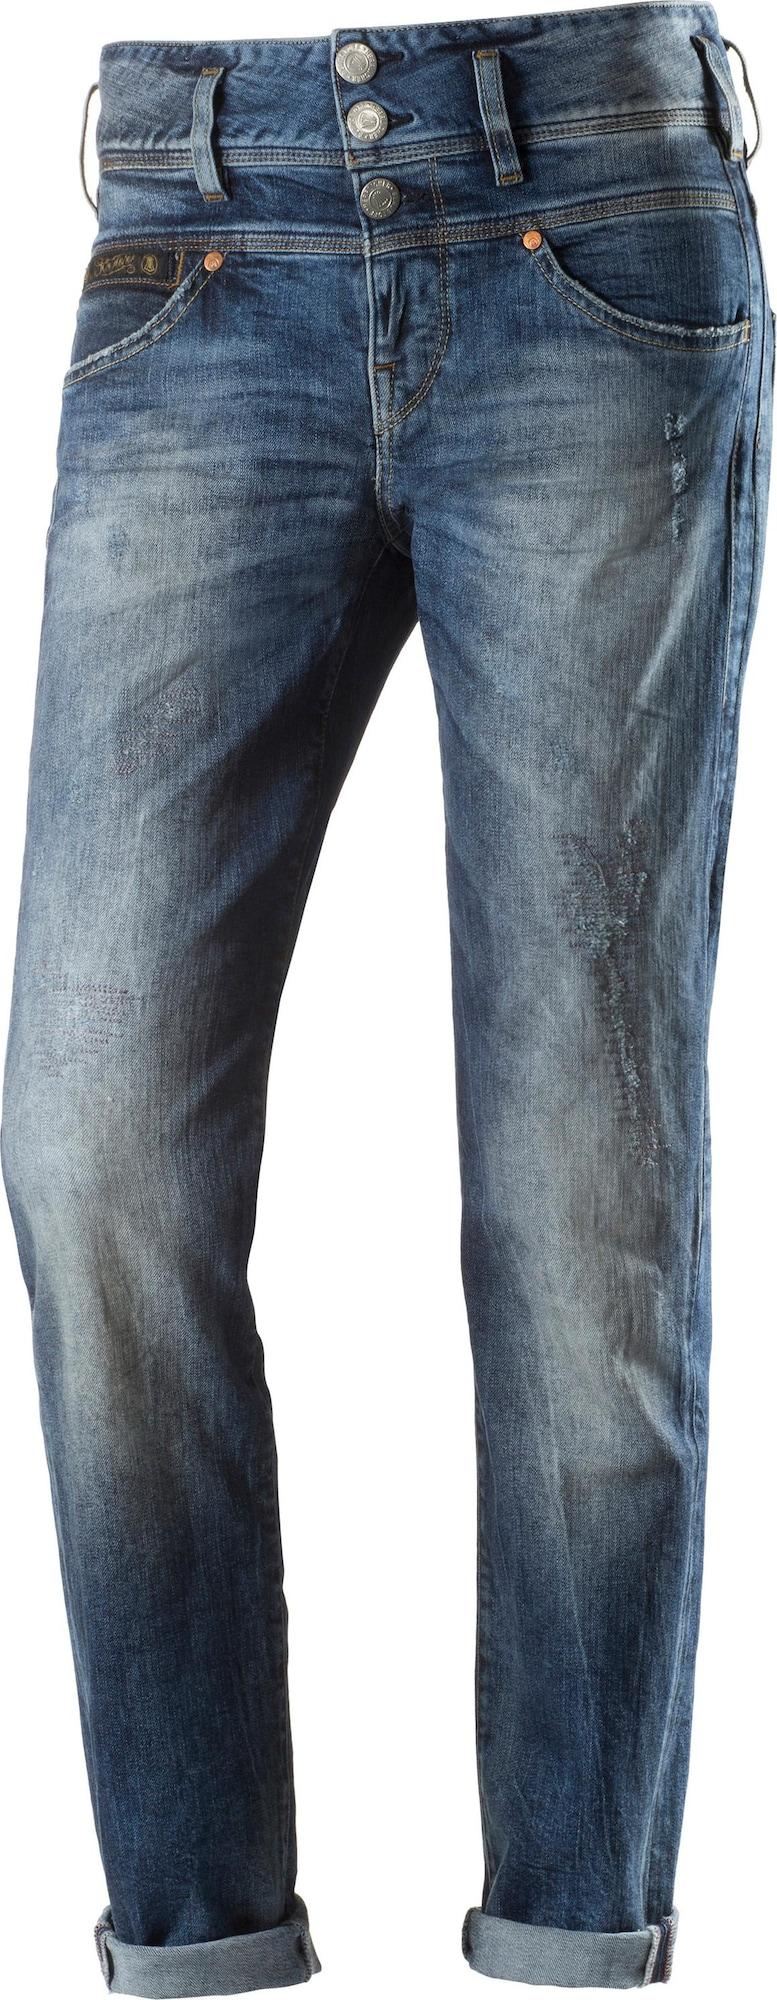 herrlicher 39 raya 39 boyfriend jeans damen in blau. Black Bedroom Furniture Sets. Home Design Ideas